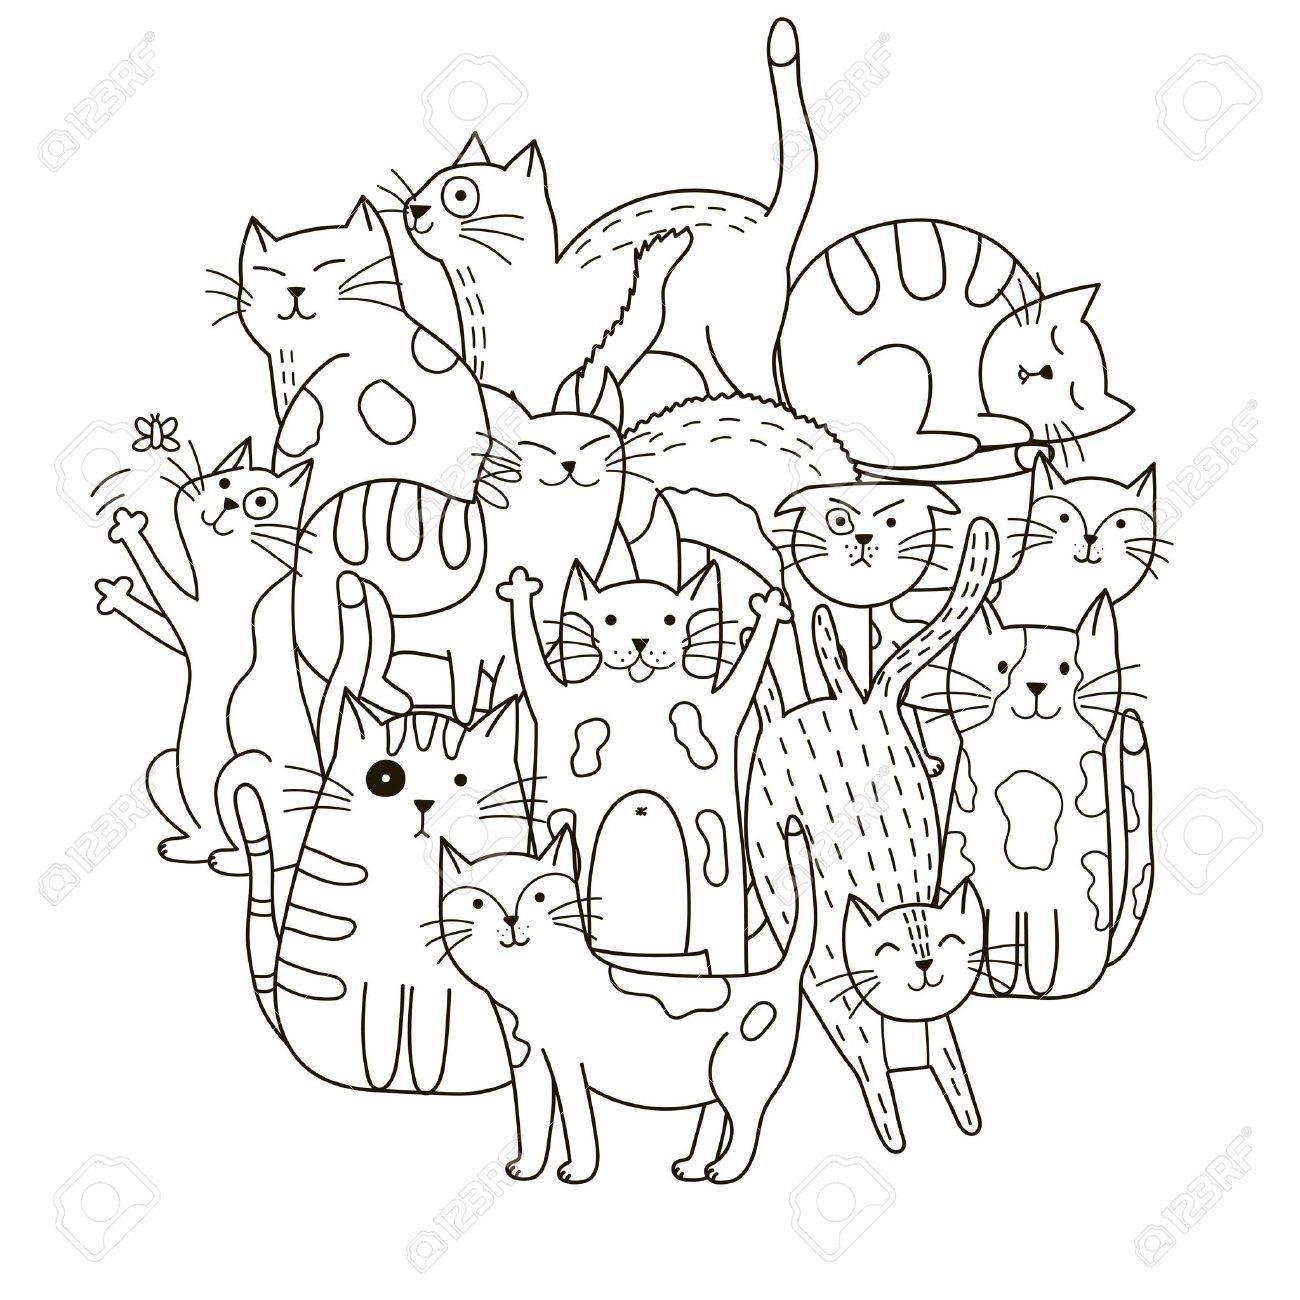 塗り絵のかわいい猫サークル形状パターンのイラスト素材ベクタ Image